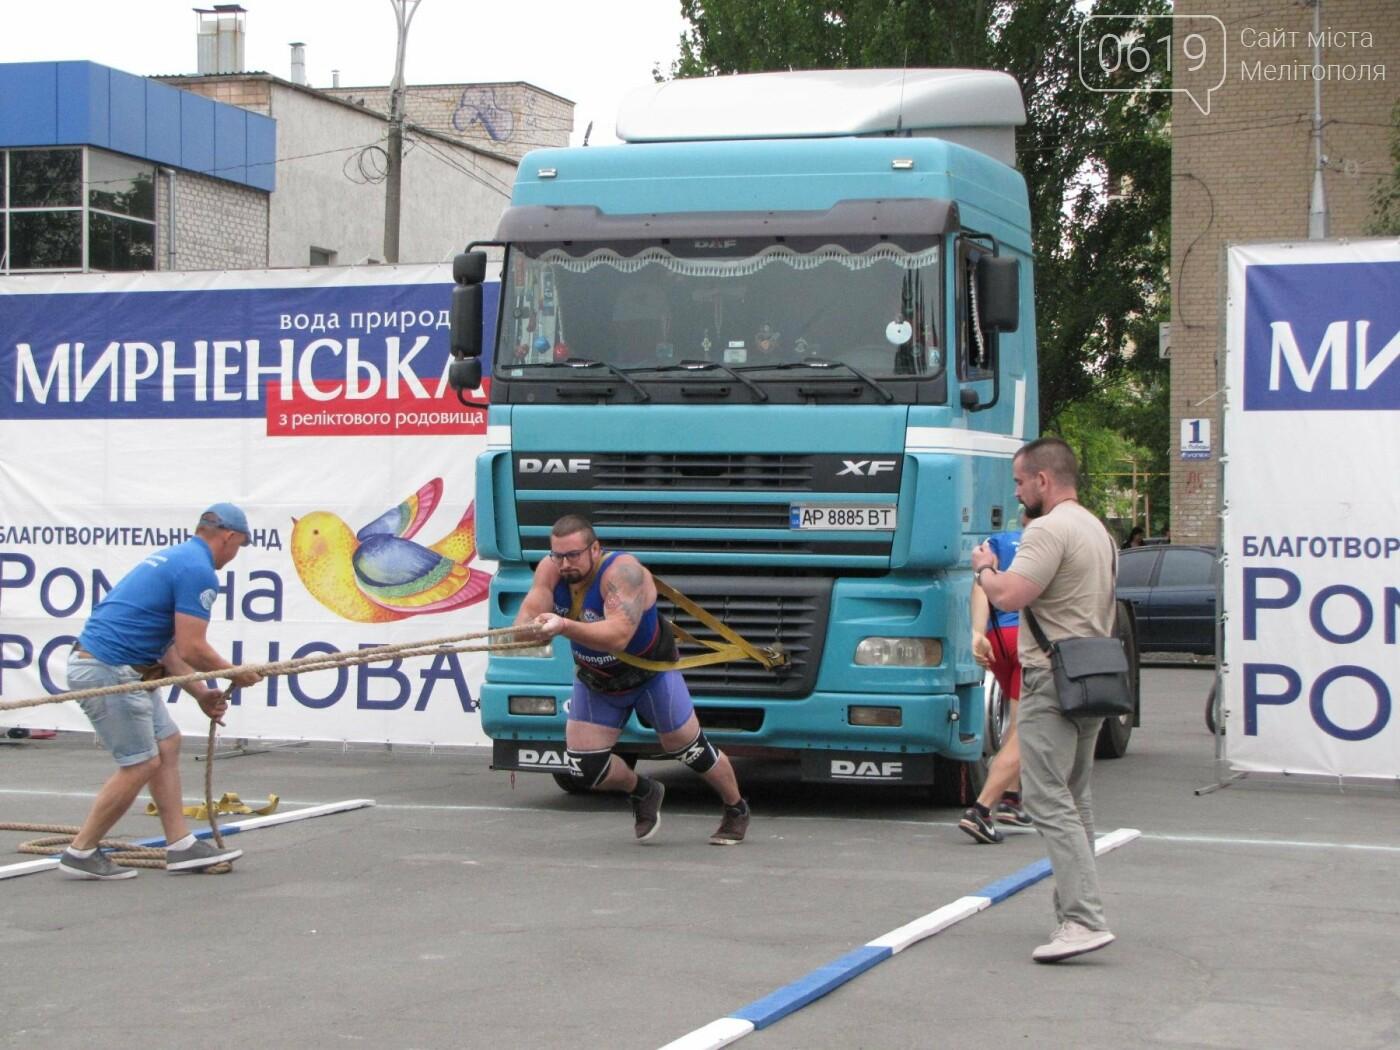 Три победы за неделю: мелитопольский богатырь выиграл второй этап международного чемпионата, фото-11